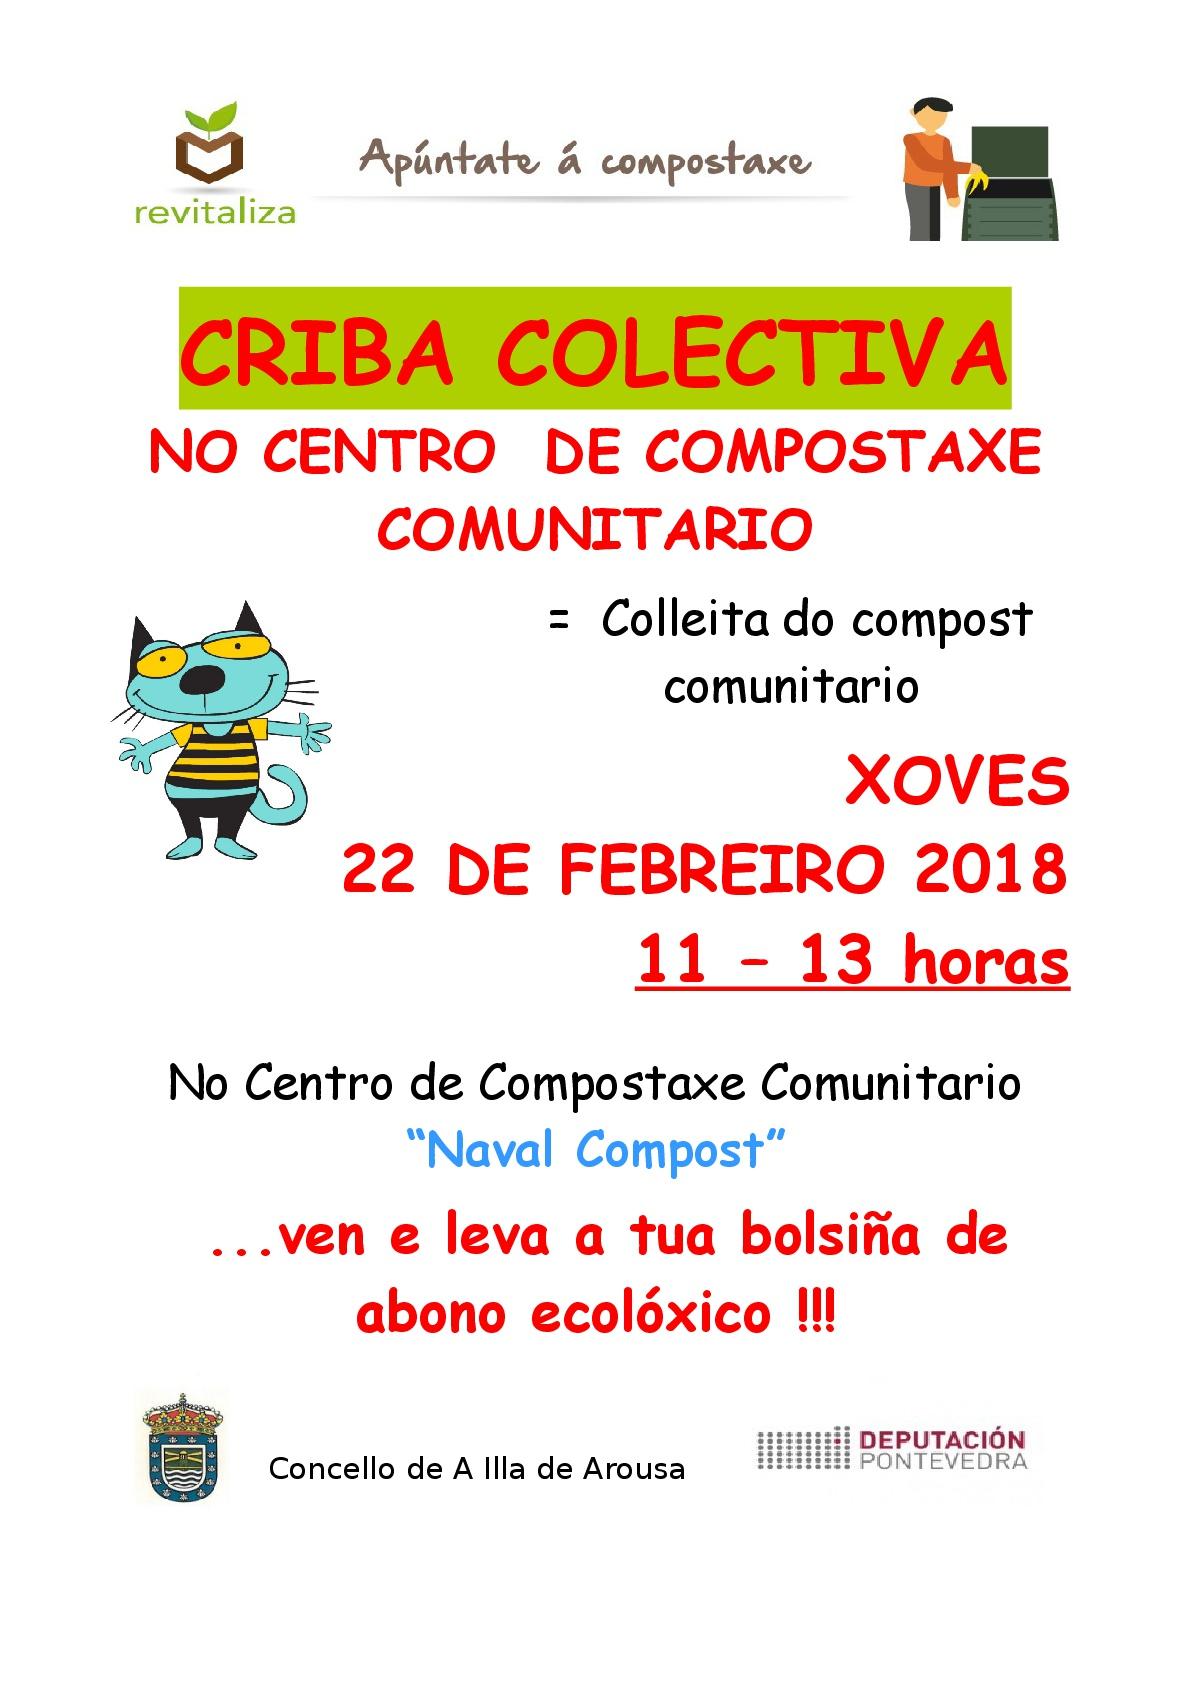 CRIBA COLECTIVA NO CENTRO DE COMPOSTAXE COMUNITARIO